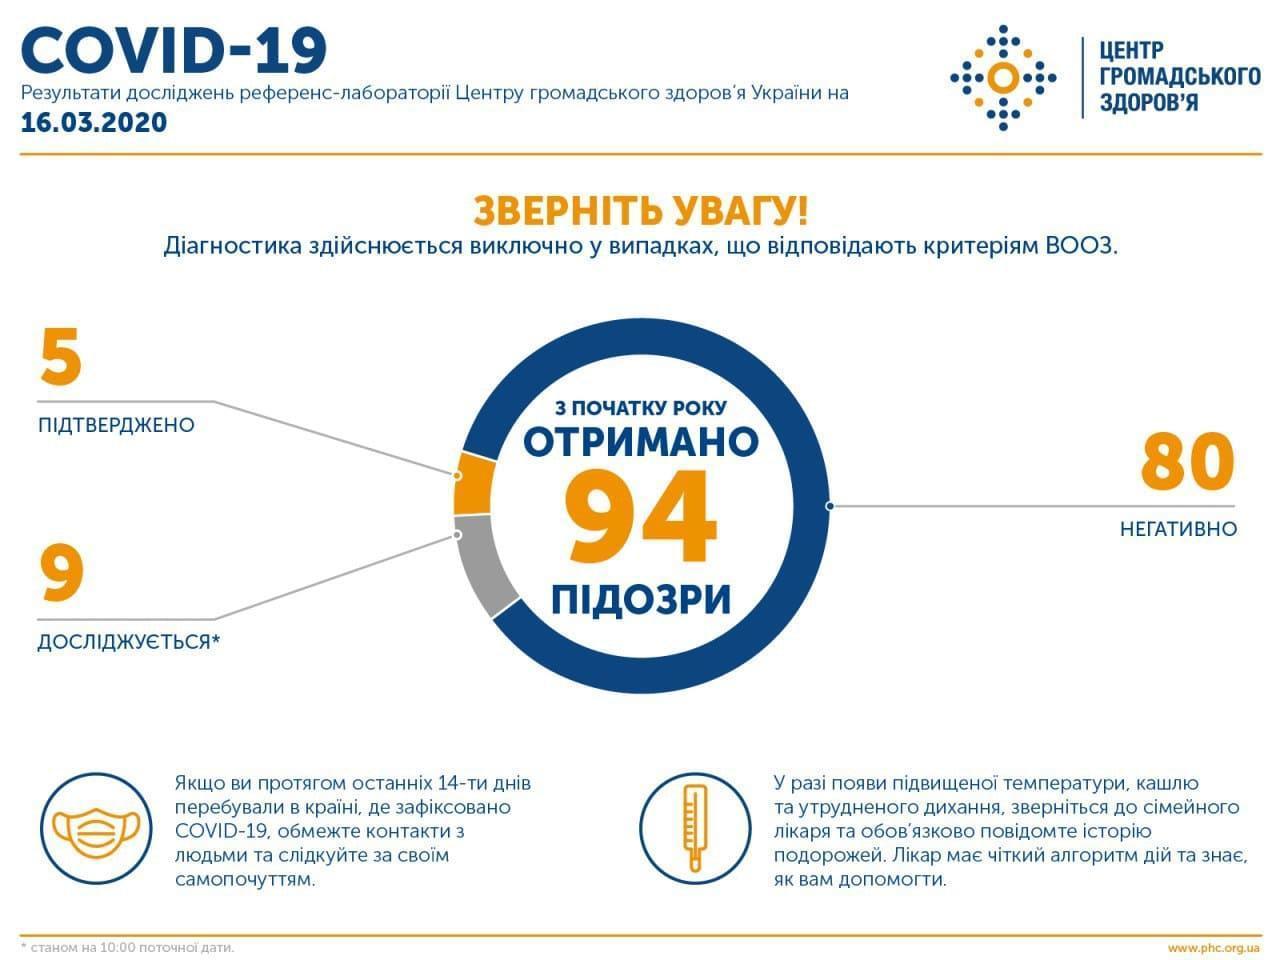 В Украине зарегистрировали 2 новых случая коронавируса, оба - в Черновецкой области